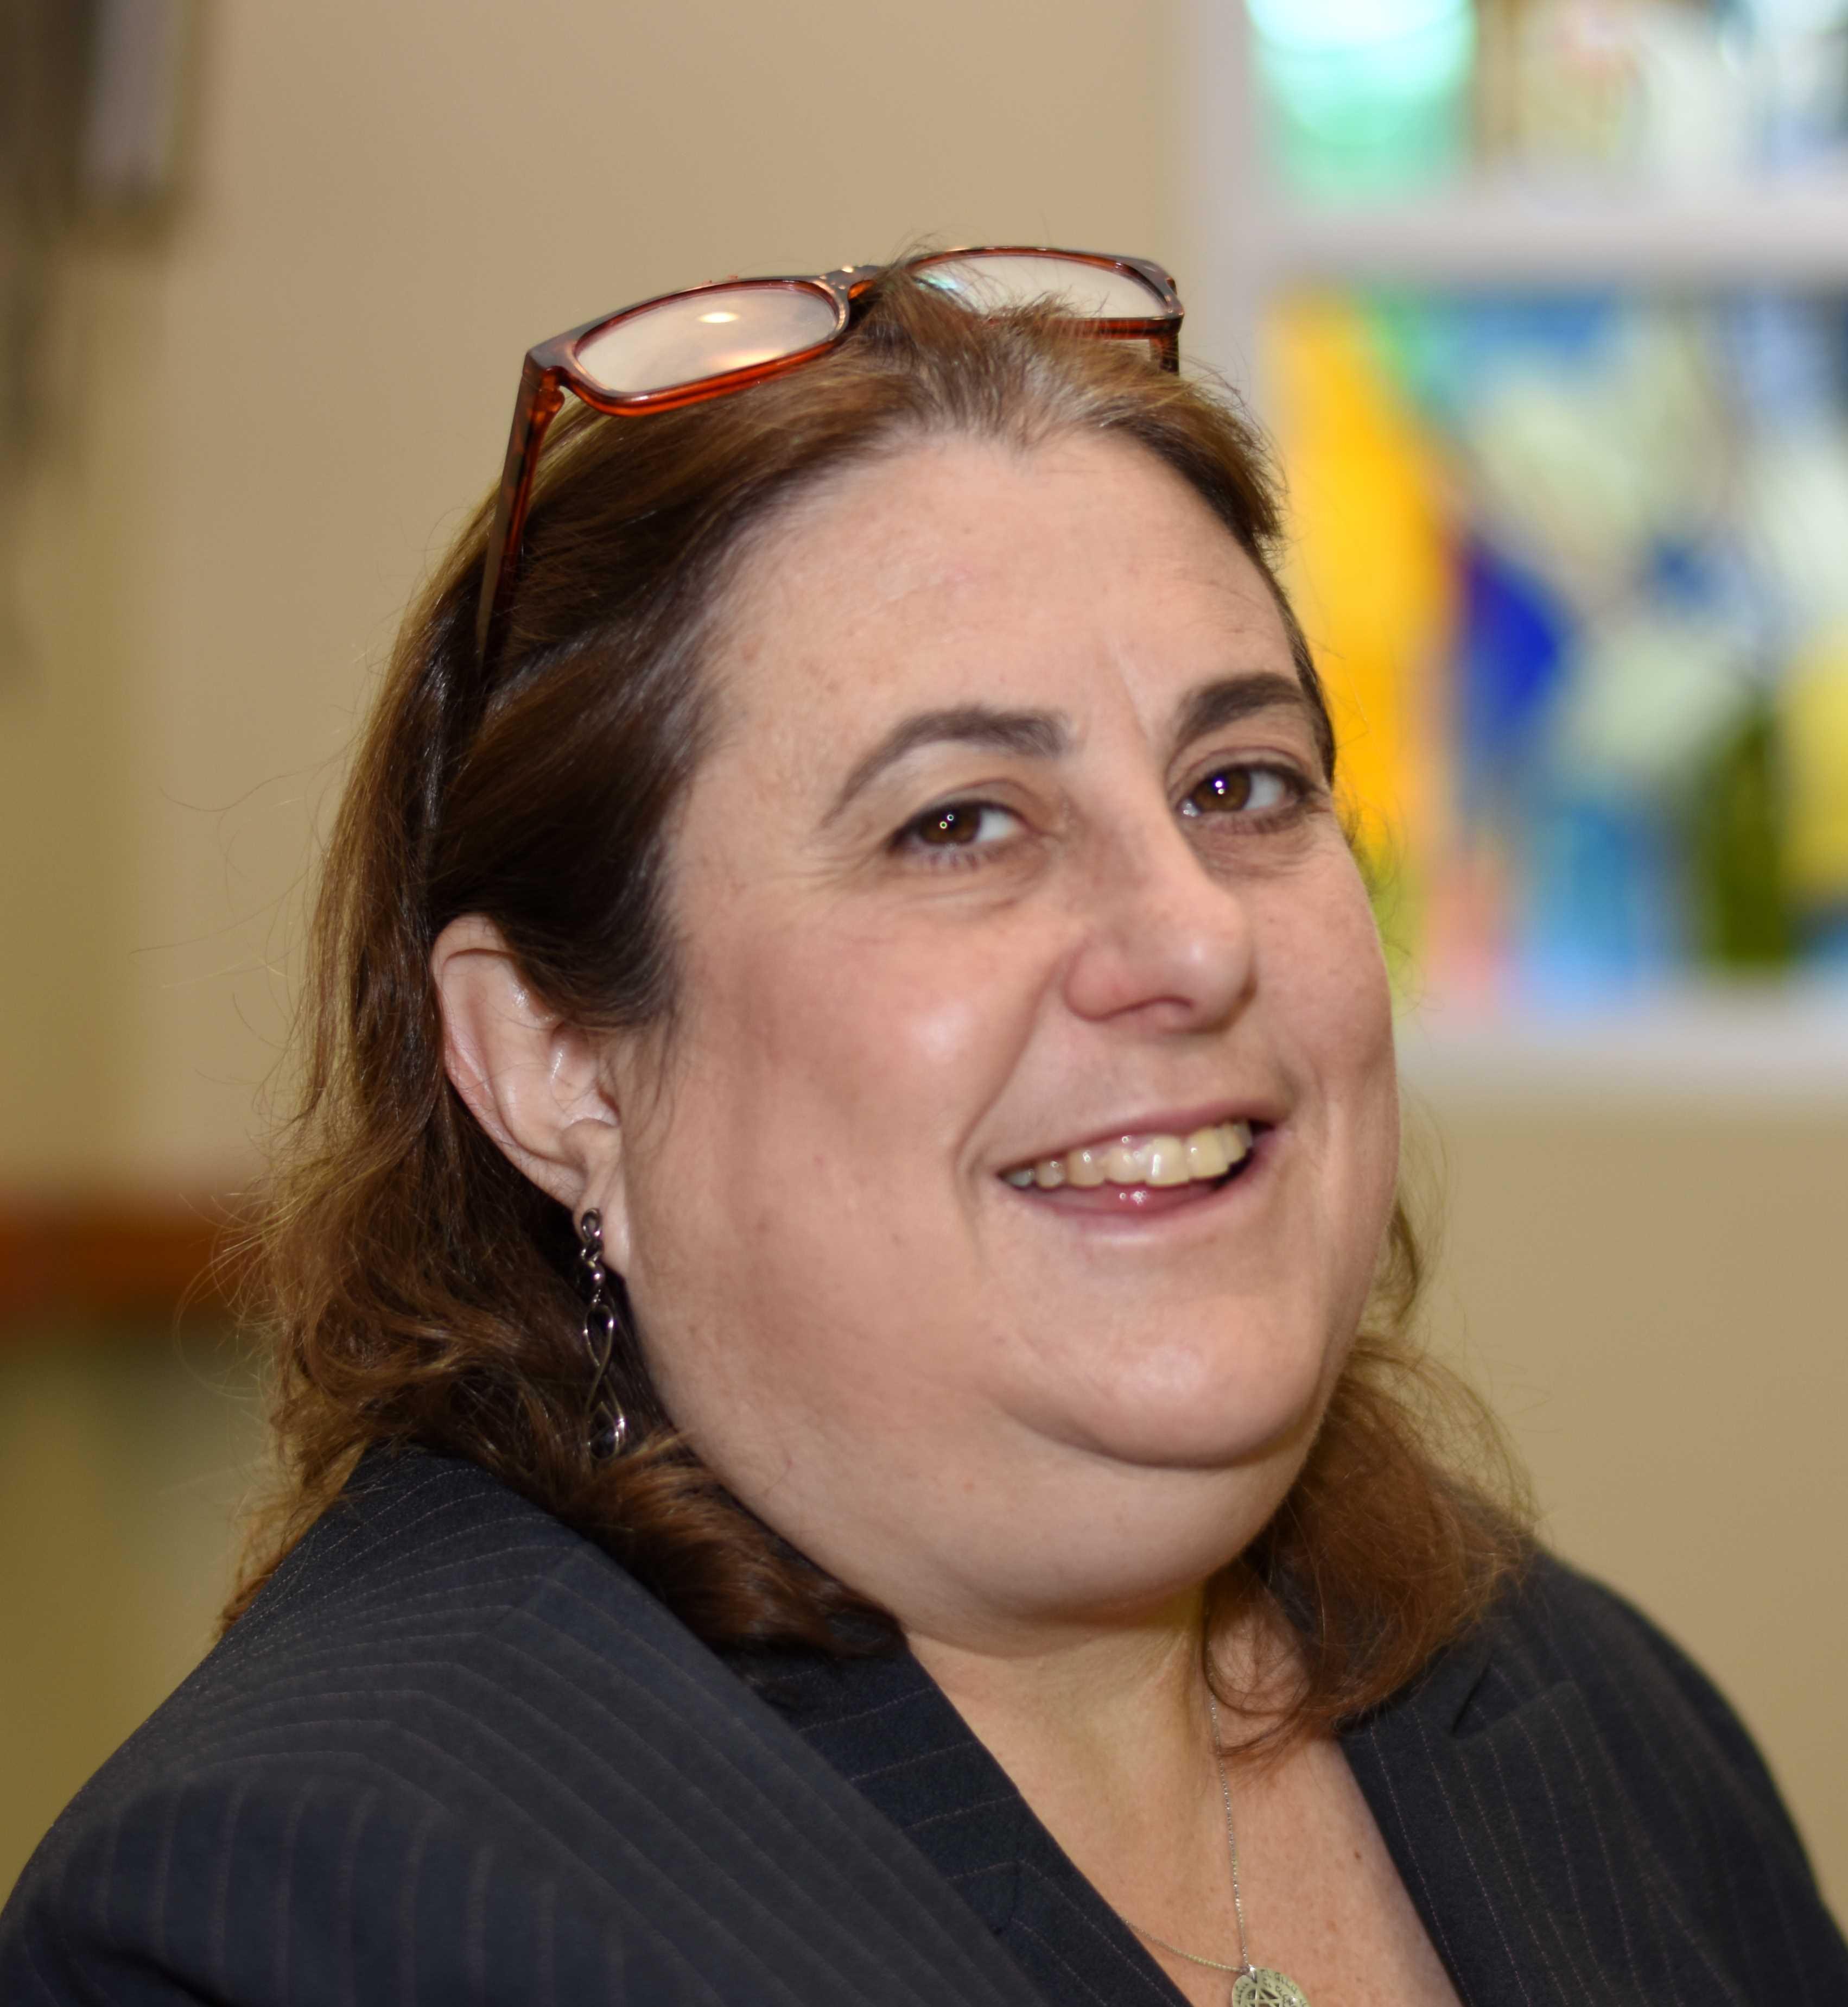 rabbi estelle5851